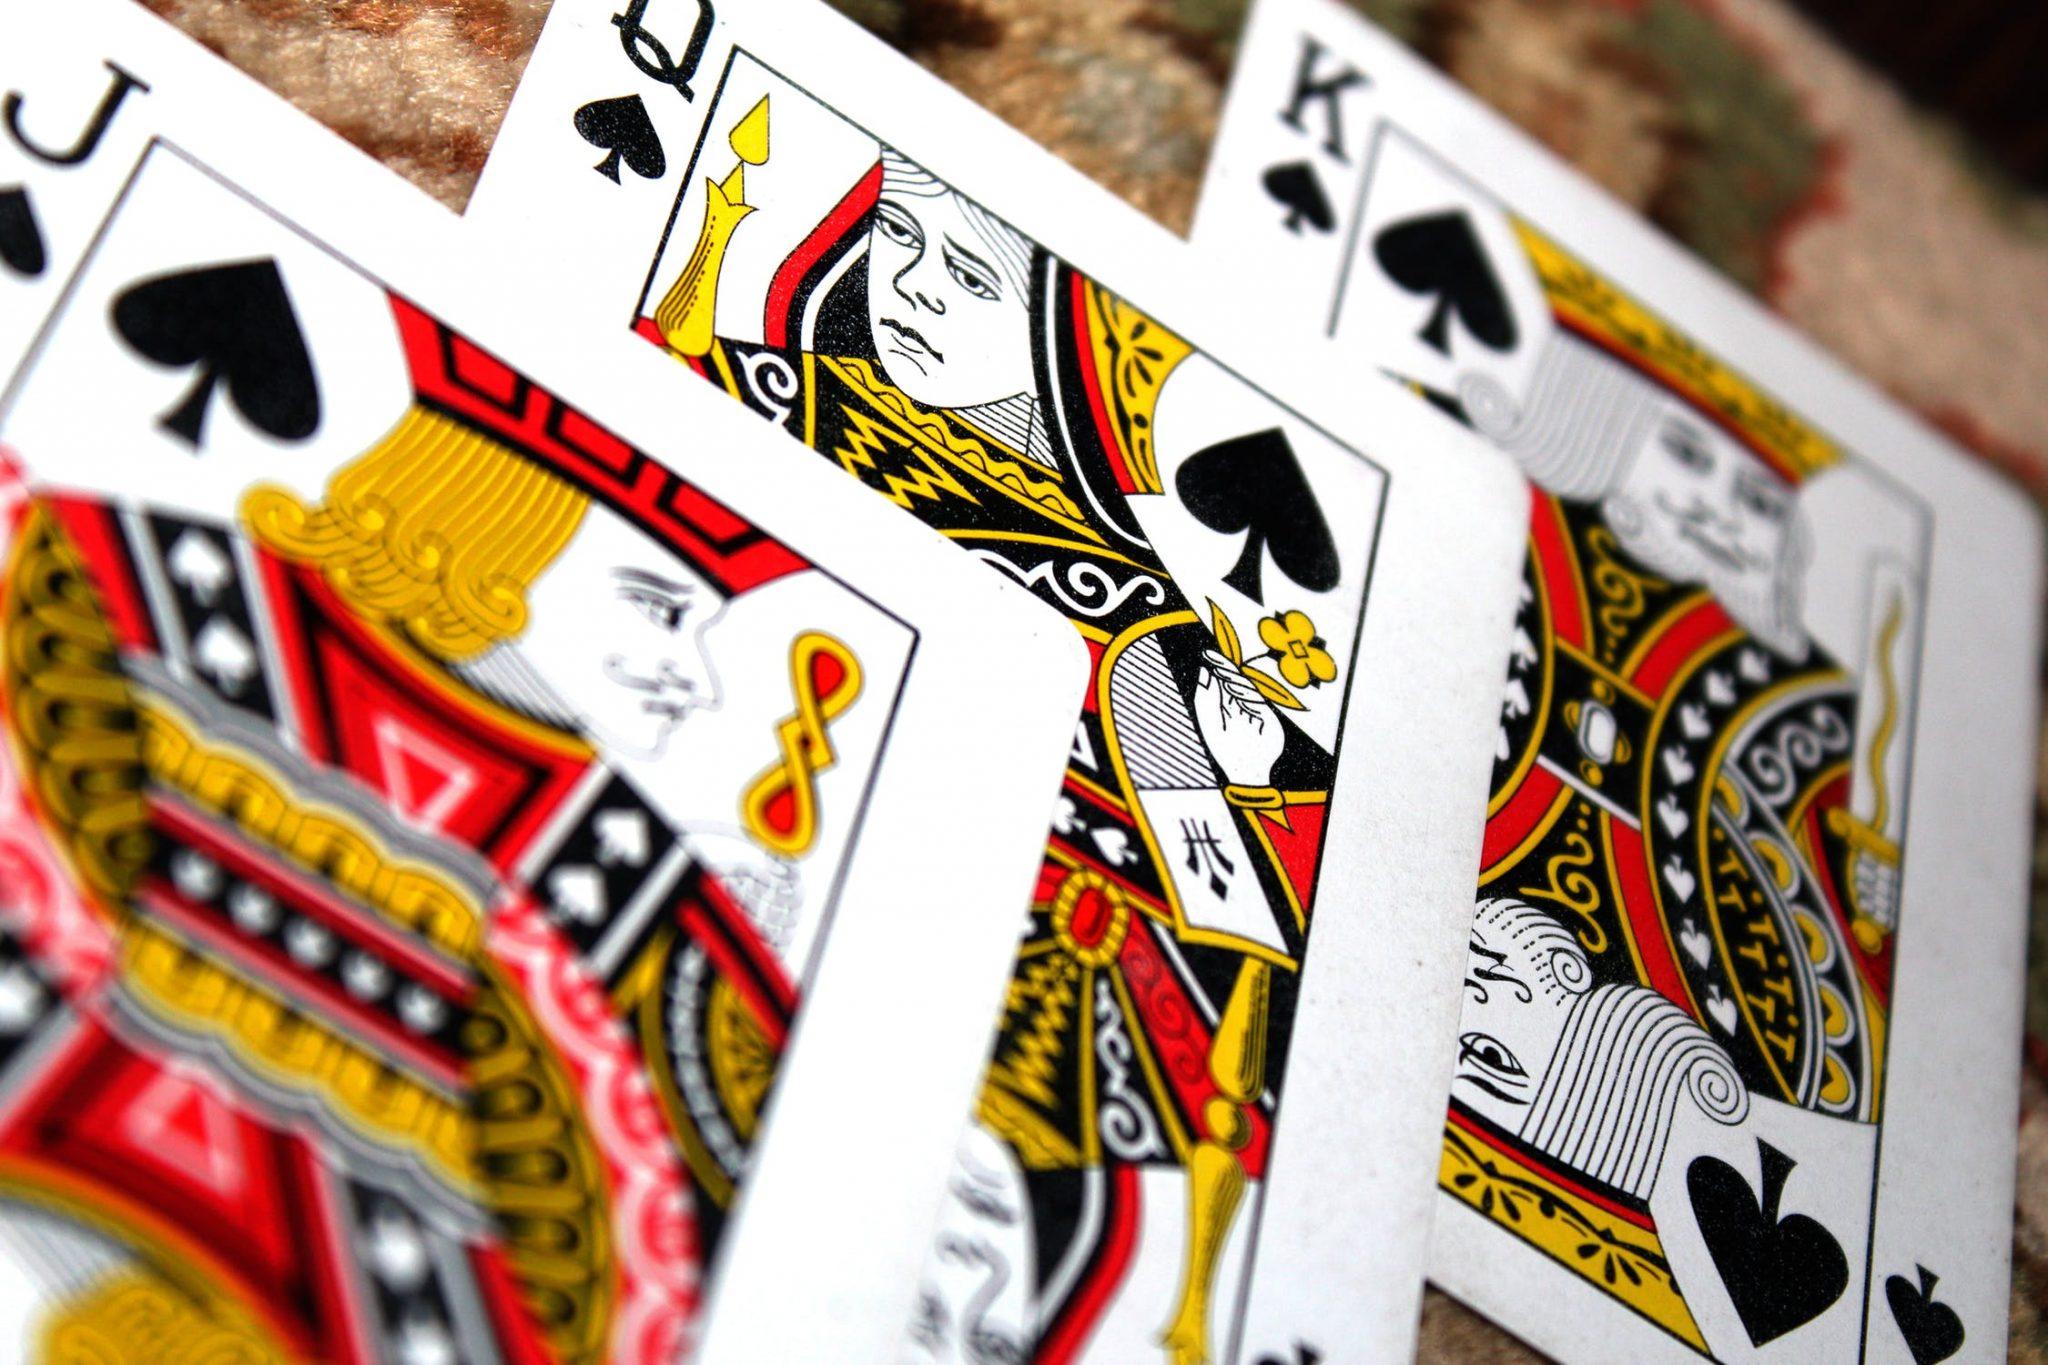 บาคาร่า Big Gaming แนะนำการเดิมพันไพ่คาสิโนบนเว็บพนันสโบเบ็ต